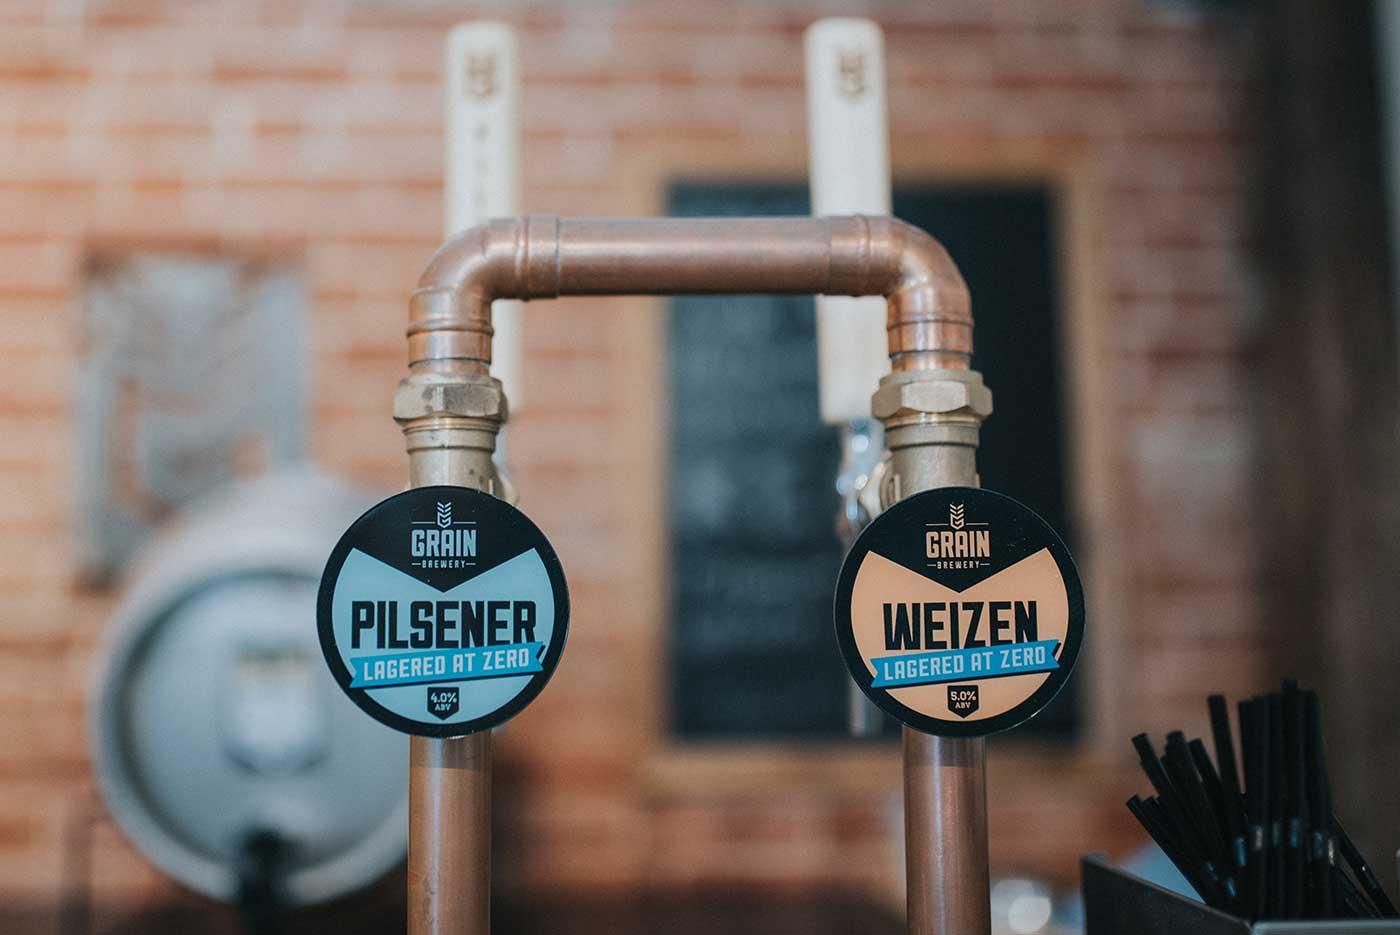 beer-keg-pumpclips-grain-brewery.jpg